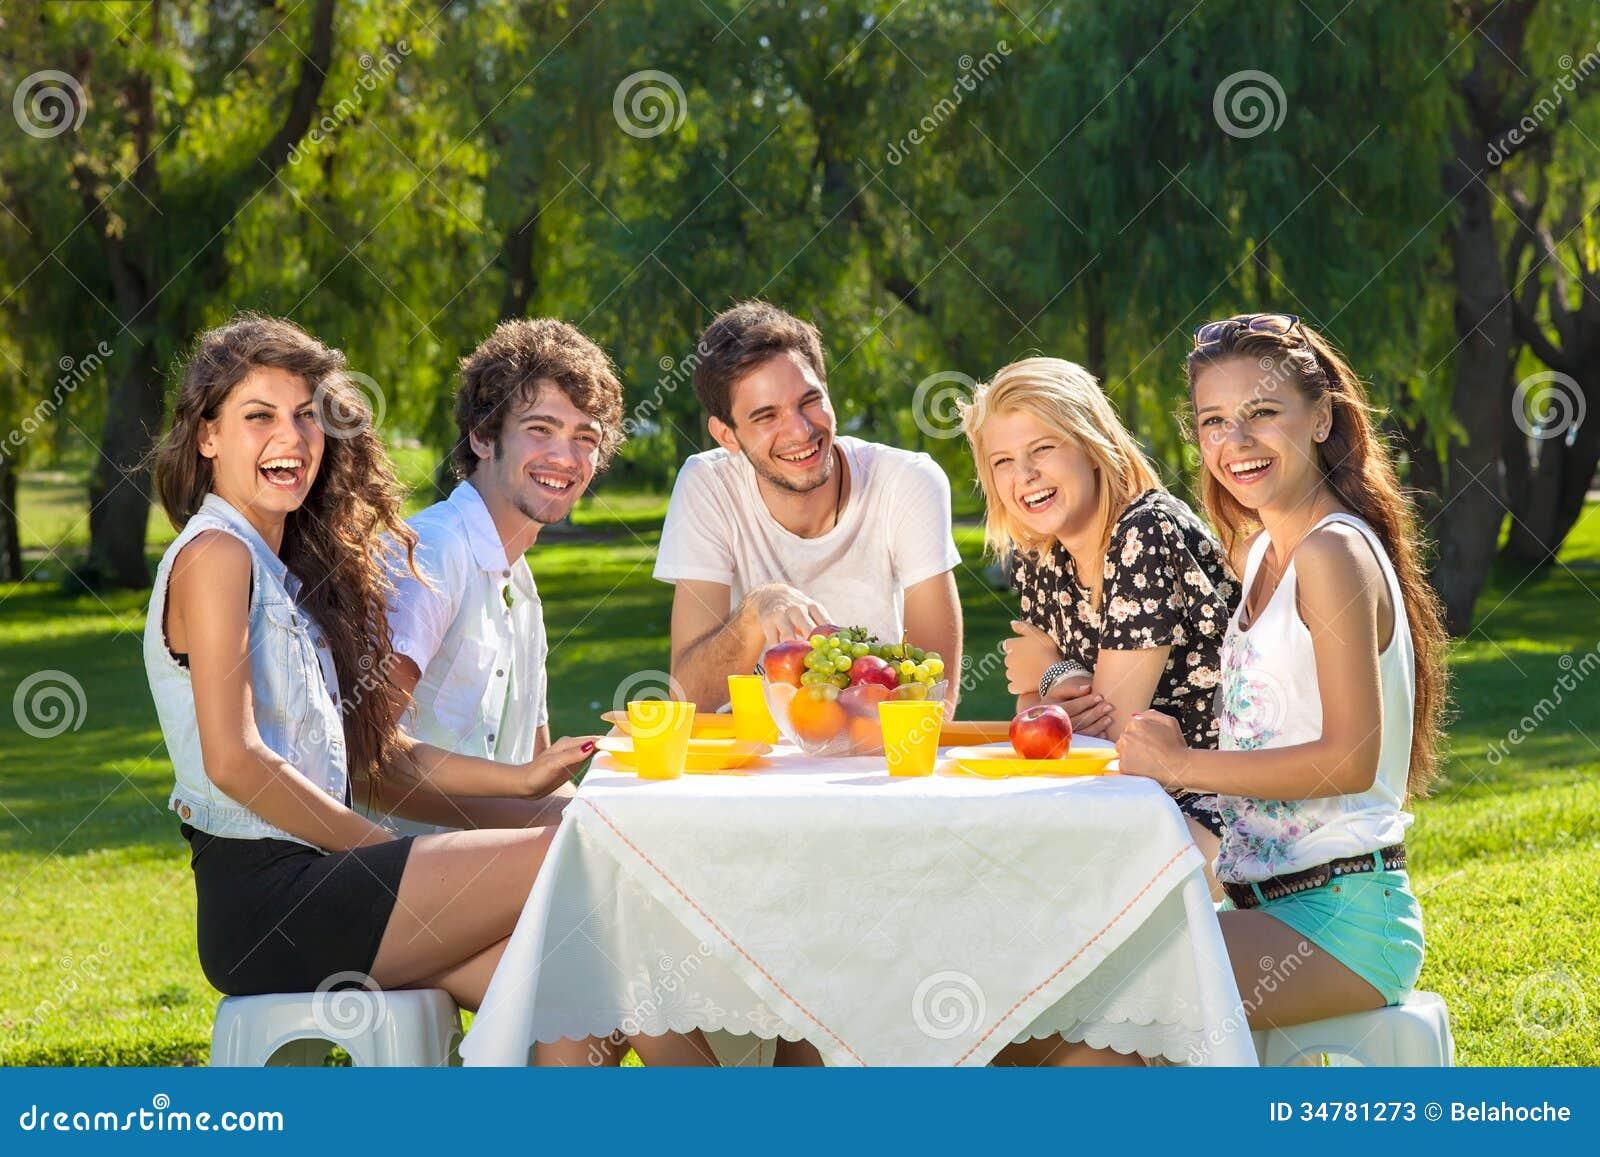 Jeunes adolescents en bonne santé appréciant un pique-nique d été